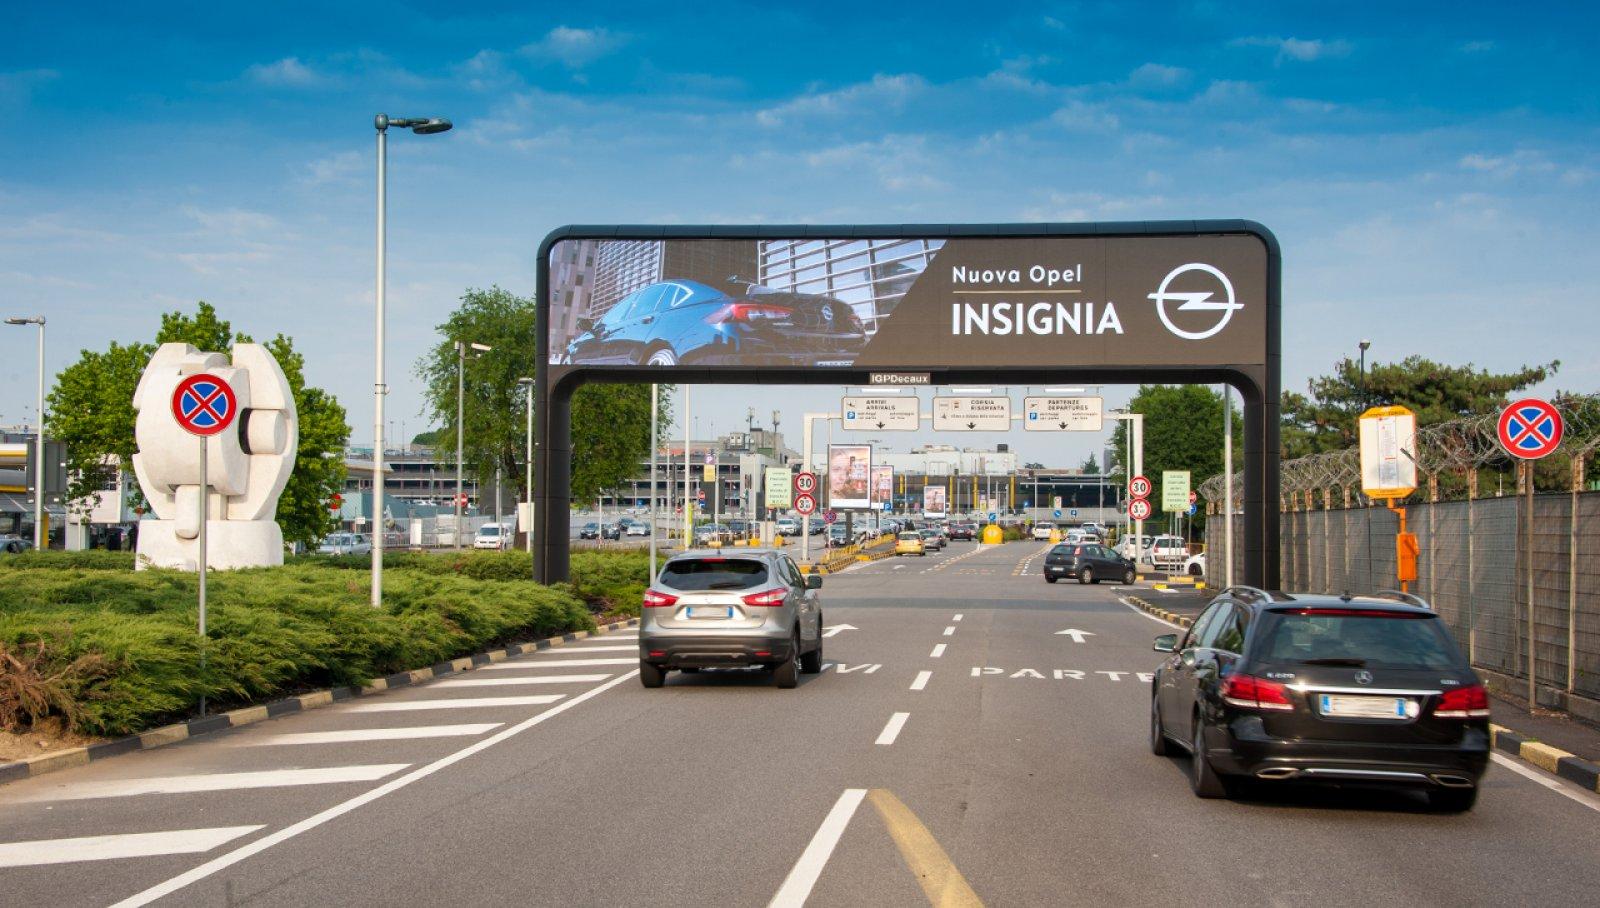 Aeroporto Linate pubblicità portale digitale per Opel IGPDecaux